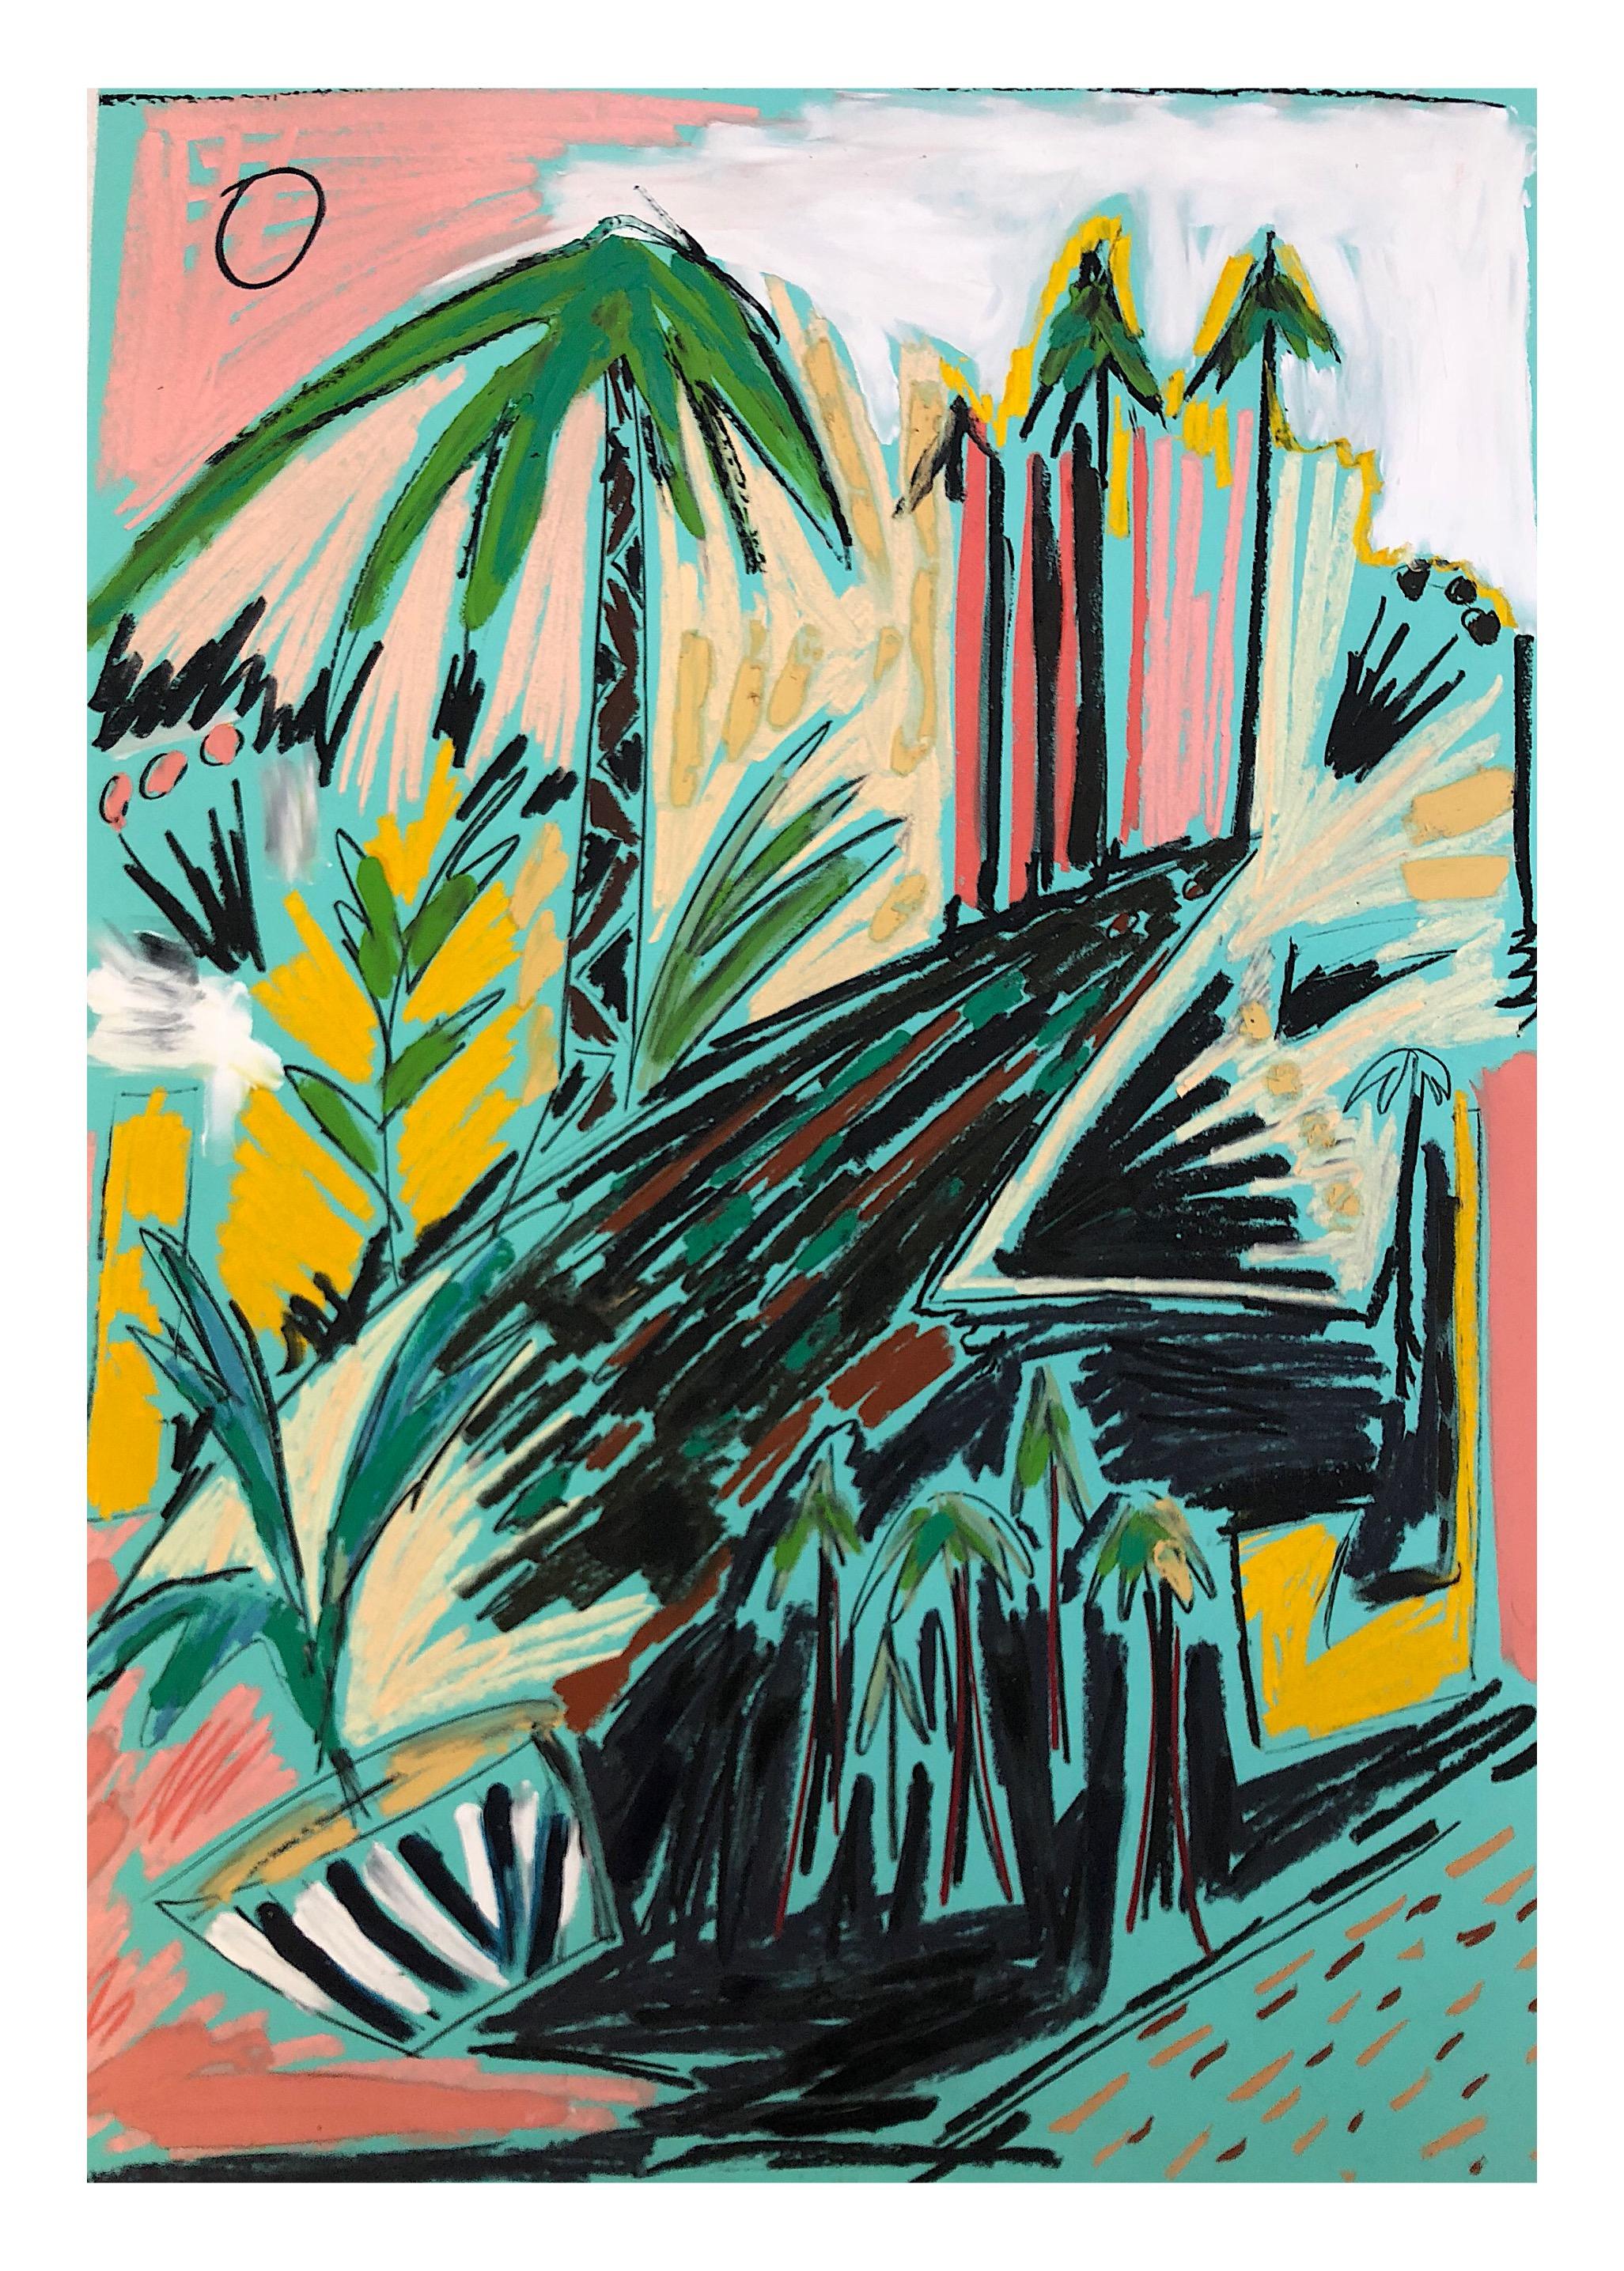 'Retour aux Arbres I', Pastels and oil paint on paper, 84x58cm